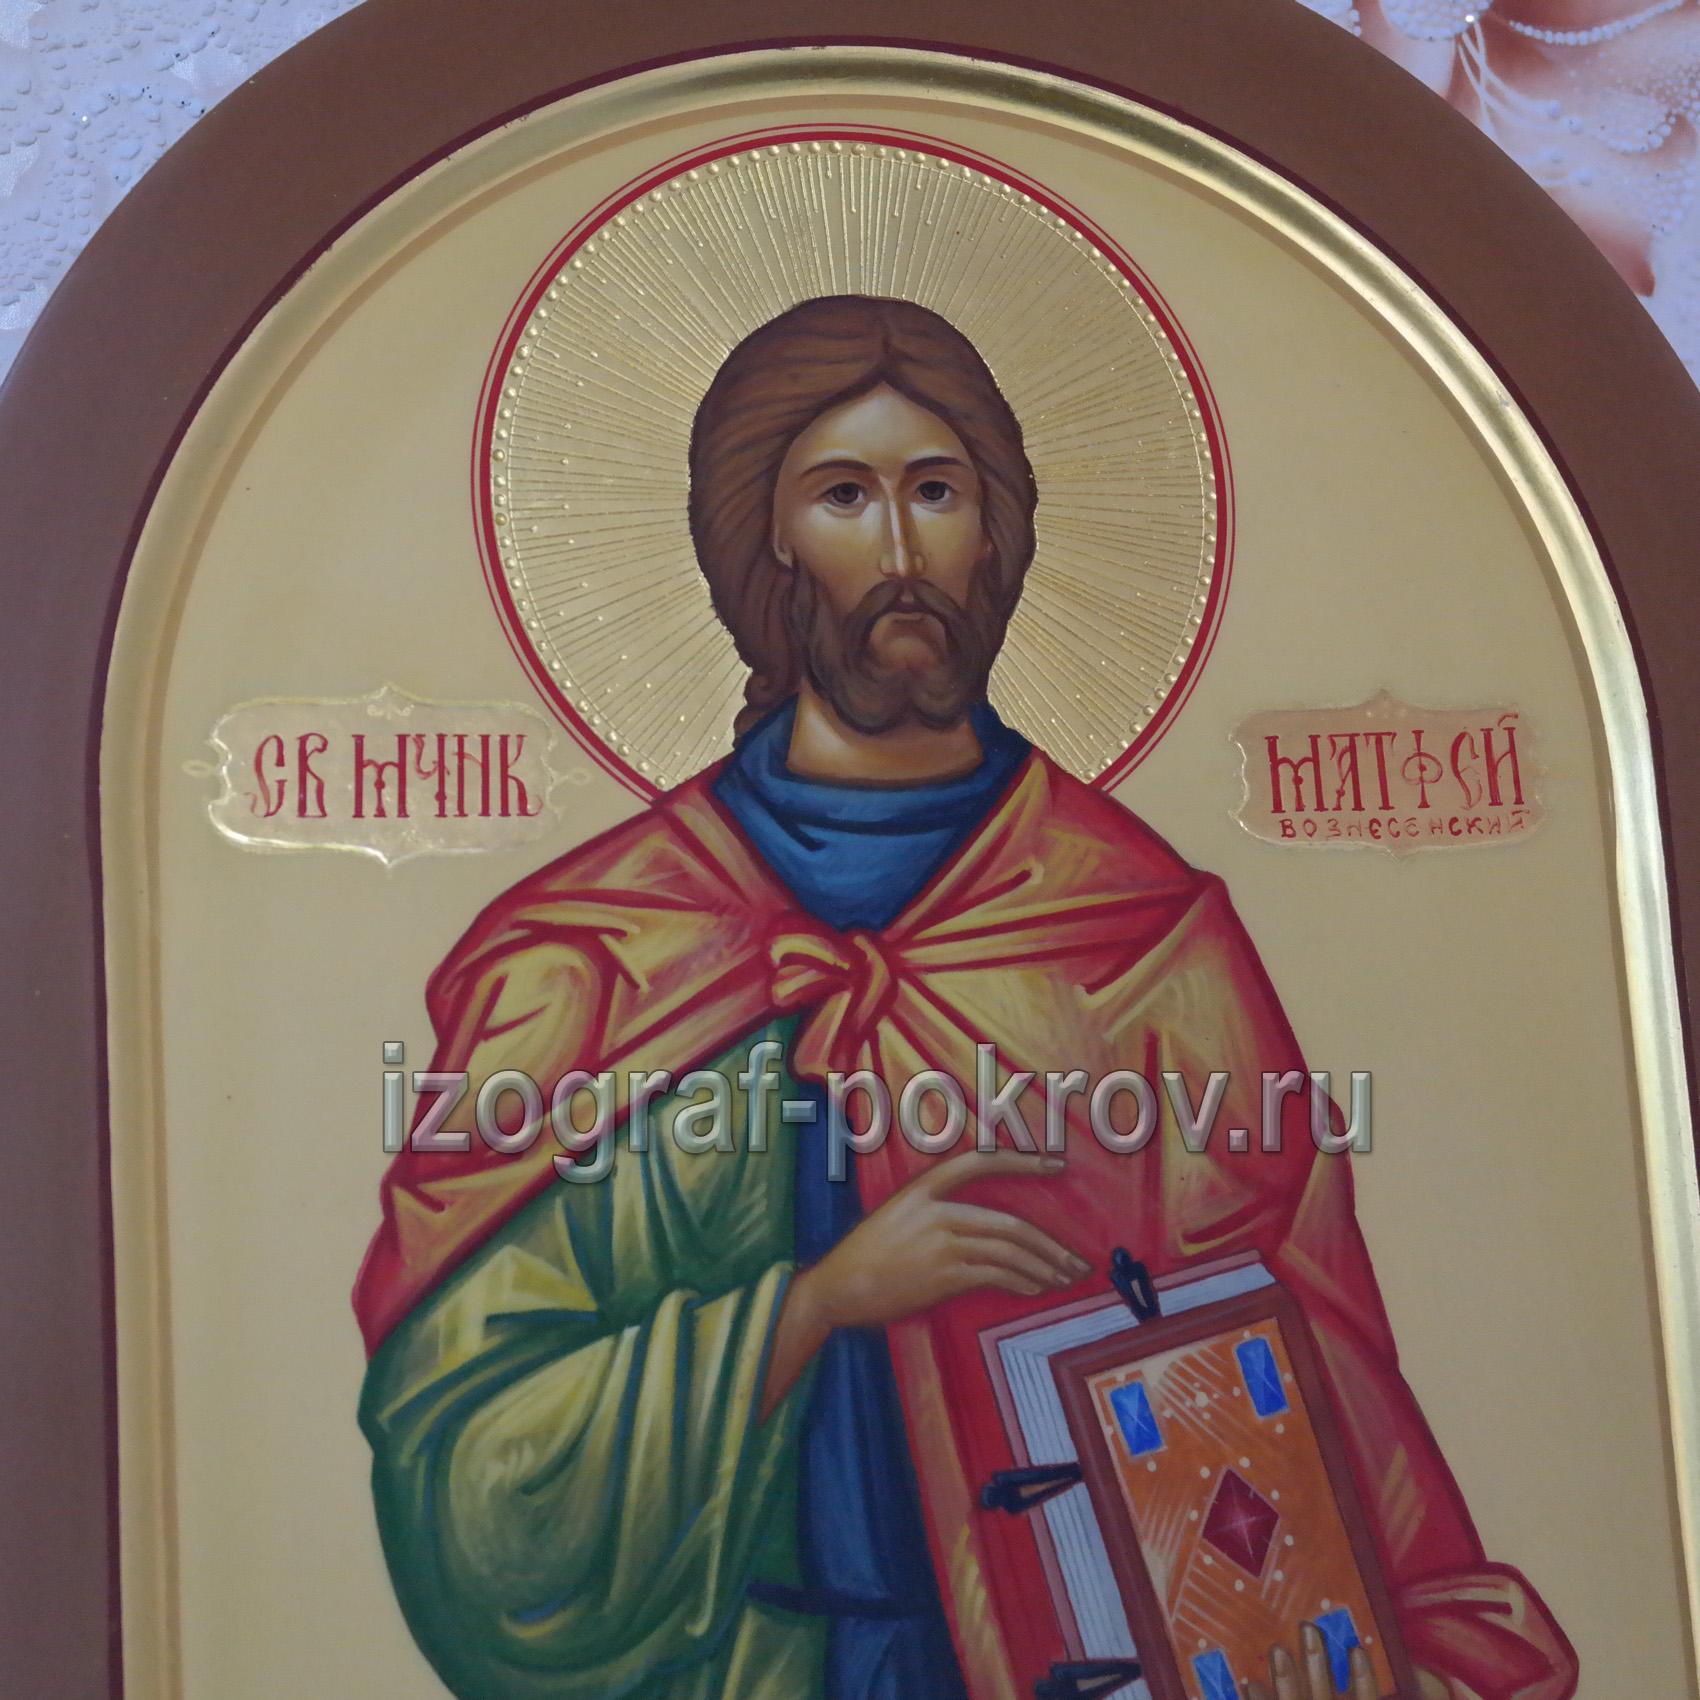 Икона Матфей Вознесенский фрагмент оформления